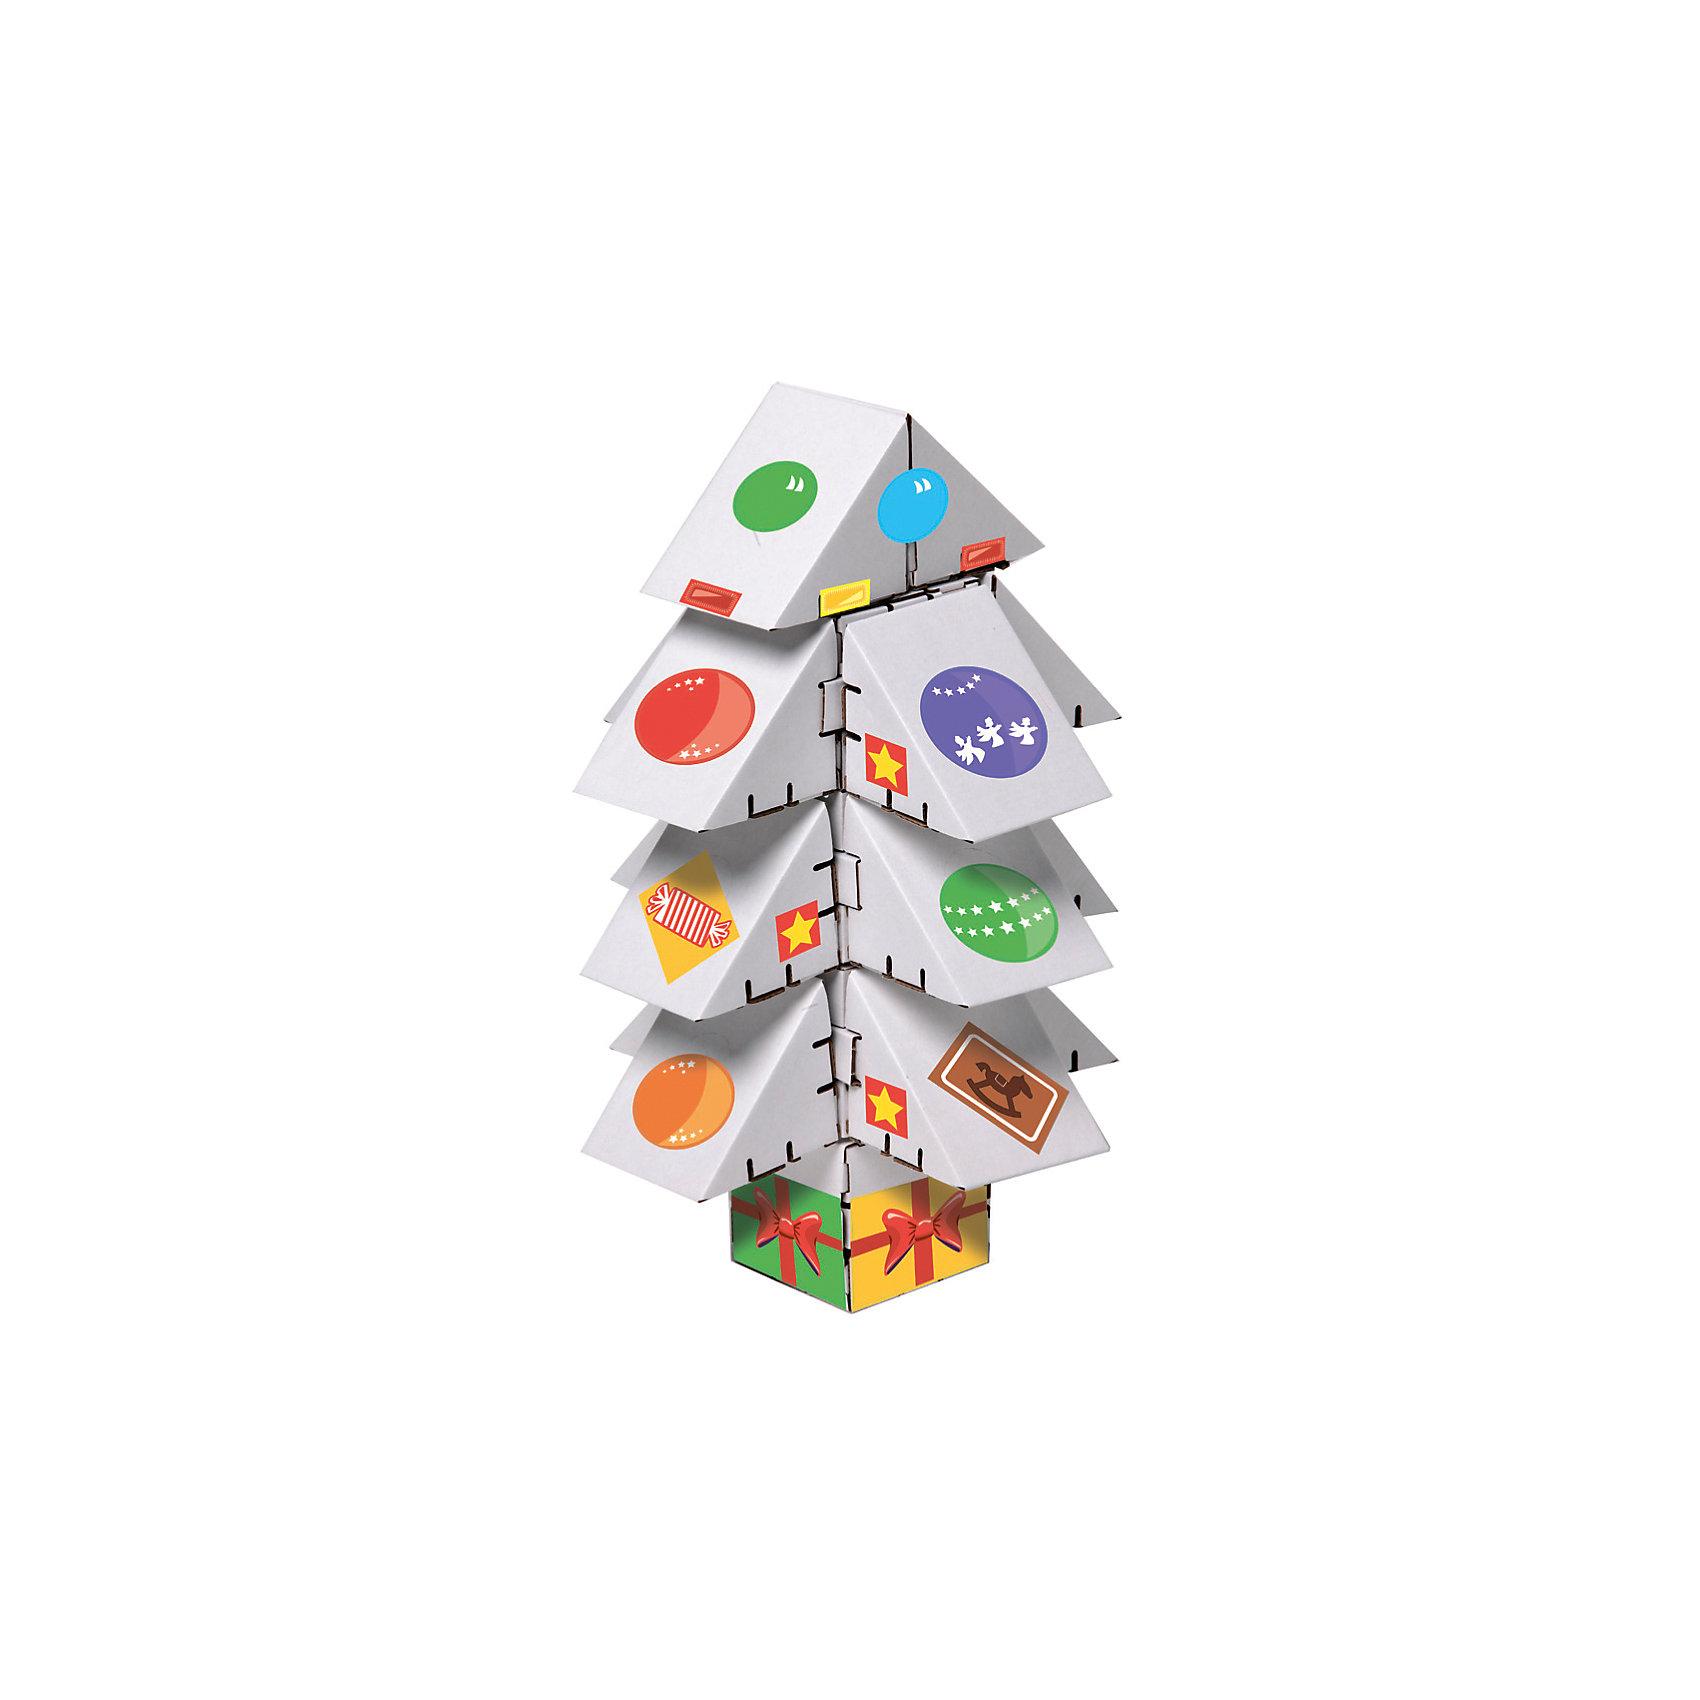 Картонный конструктор Ёлка мини белая, YohocubeКартонные конструкторы<br>Картонный конструктор Ёлка мини белая, Yohocube (Йохокуб). <br><br>Характеристика:<br><br>• Материал: усиленный картон (1,5 мм). <br>• Размер упаковки: 37х31х5,5 см. <br>• Размер одного кубика: 8 см. <br>• 18 детали. <br>• Оригинальный дизайн. <br>• Развивает моторику рук, внимание, пространственное мышление и воображение. <br><br>Яркая оригинальная ёлочка, сделанная своими руками, обязательно понравится детям. Все детали набора выполнены из прочного экологичного картона, они надежно и легко крепятся друг к другу, не рассыпаются и не мнутся. Прекрасный подарок на любой праздник! <br>Конструирование - отличный вид творческой деятельности, в процессе которого развивается внимание, моторика рук, пространственное мышление и воображение. <br><br>Картонный конструктор Ёлка мини белая, Yohocube (Йохокуб) можно купить в нашем интернет-магазине.<br><br>Ширина мм: 370<br>Глубина мм: 310<br>Высота мм: 55<br>Вес г: 580<br>Возраст от месяцев: 72<br>Возраст до месяцев: 144<br>Пол: Унисекс<br>Возраст: Детский<br>SKU: 5154043